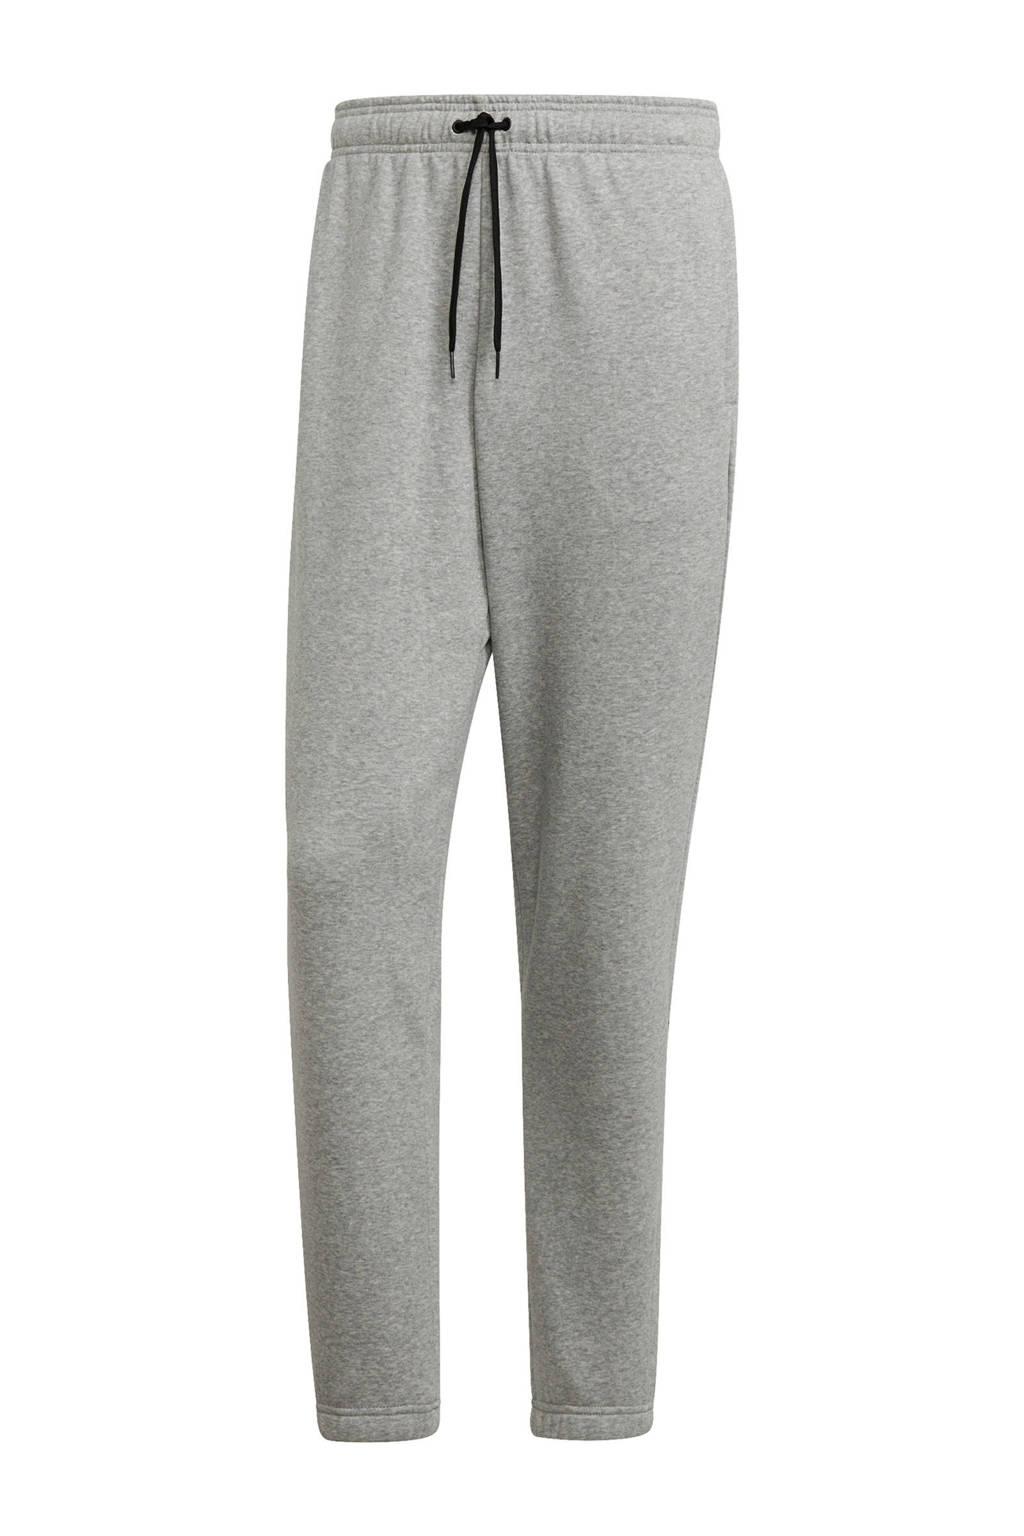 adidas regular fit joggingbroek grijs, Grijs